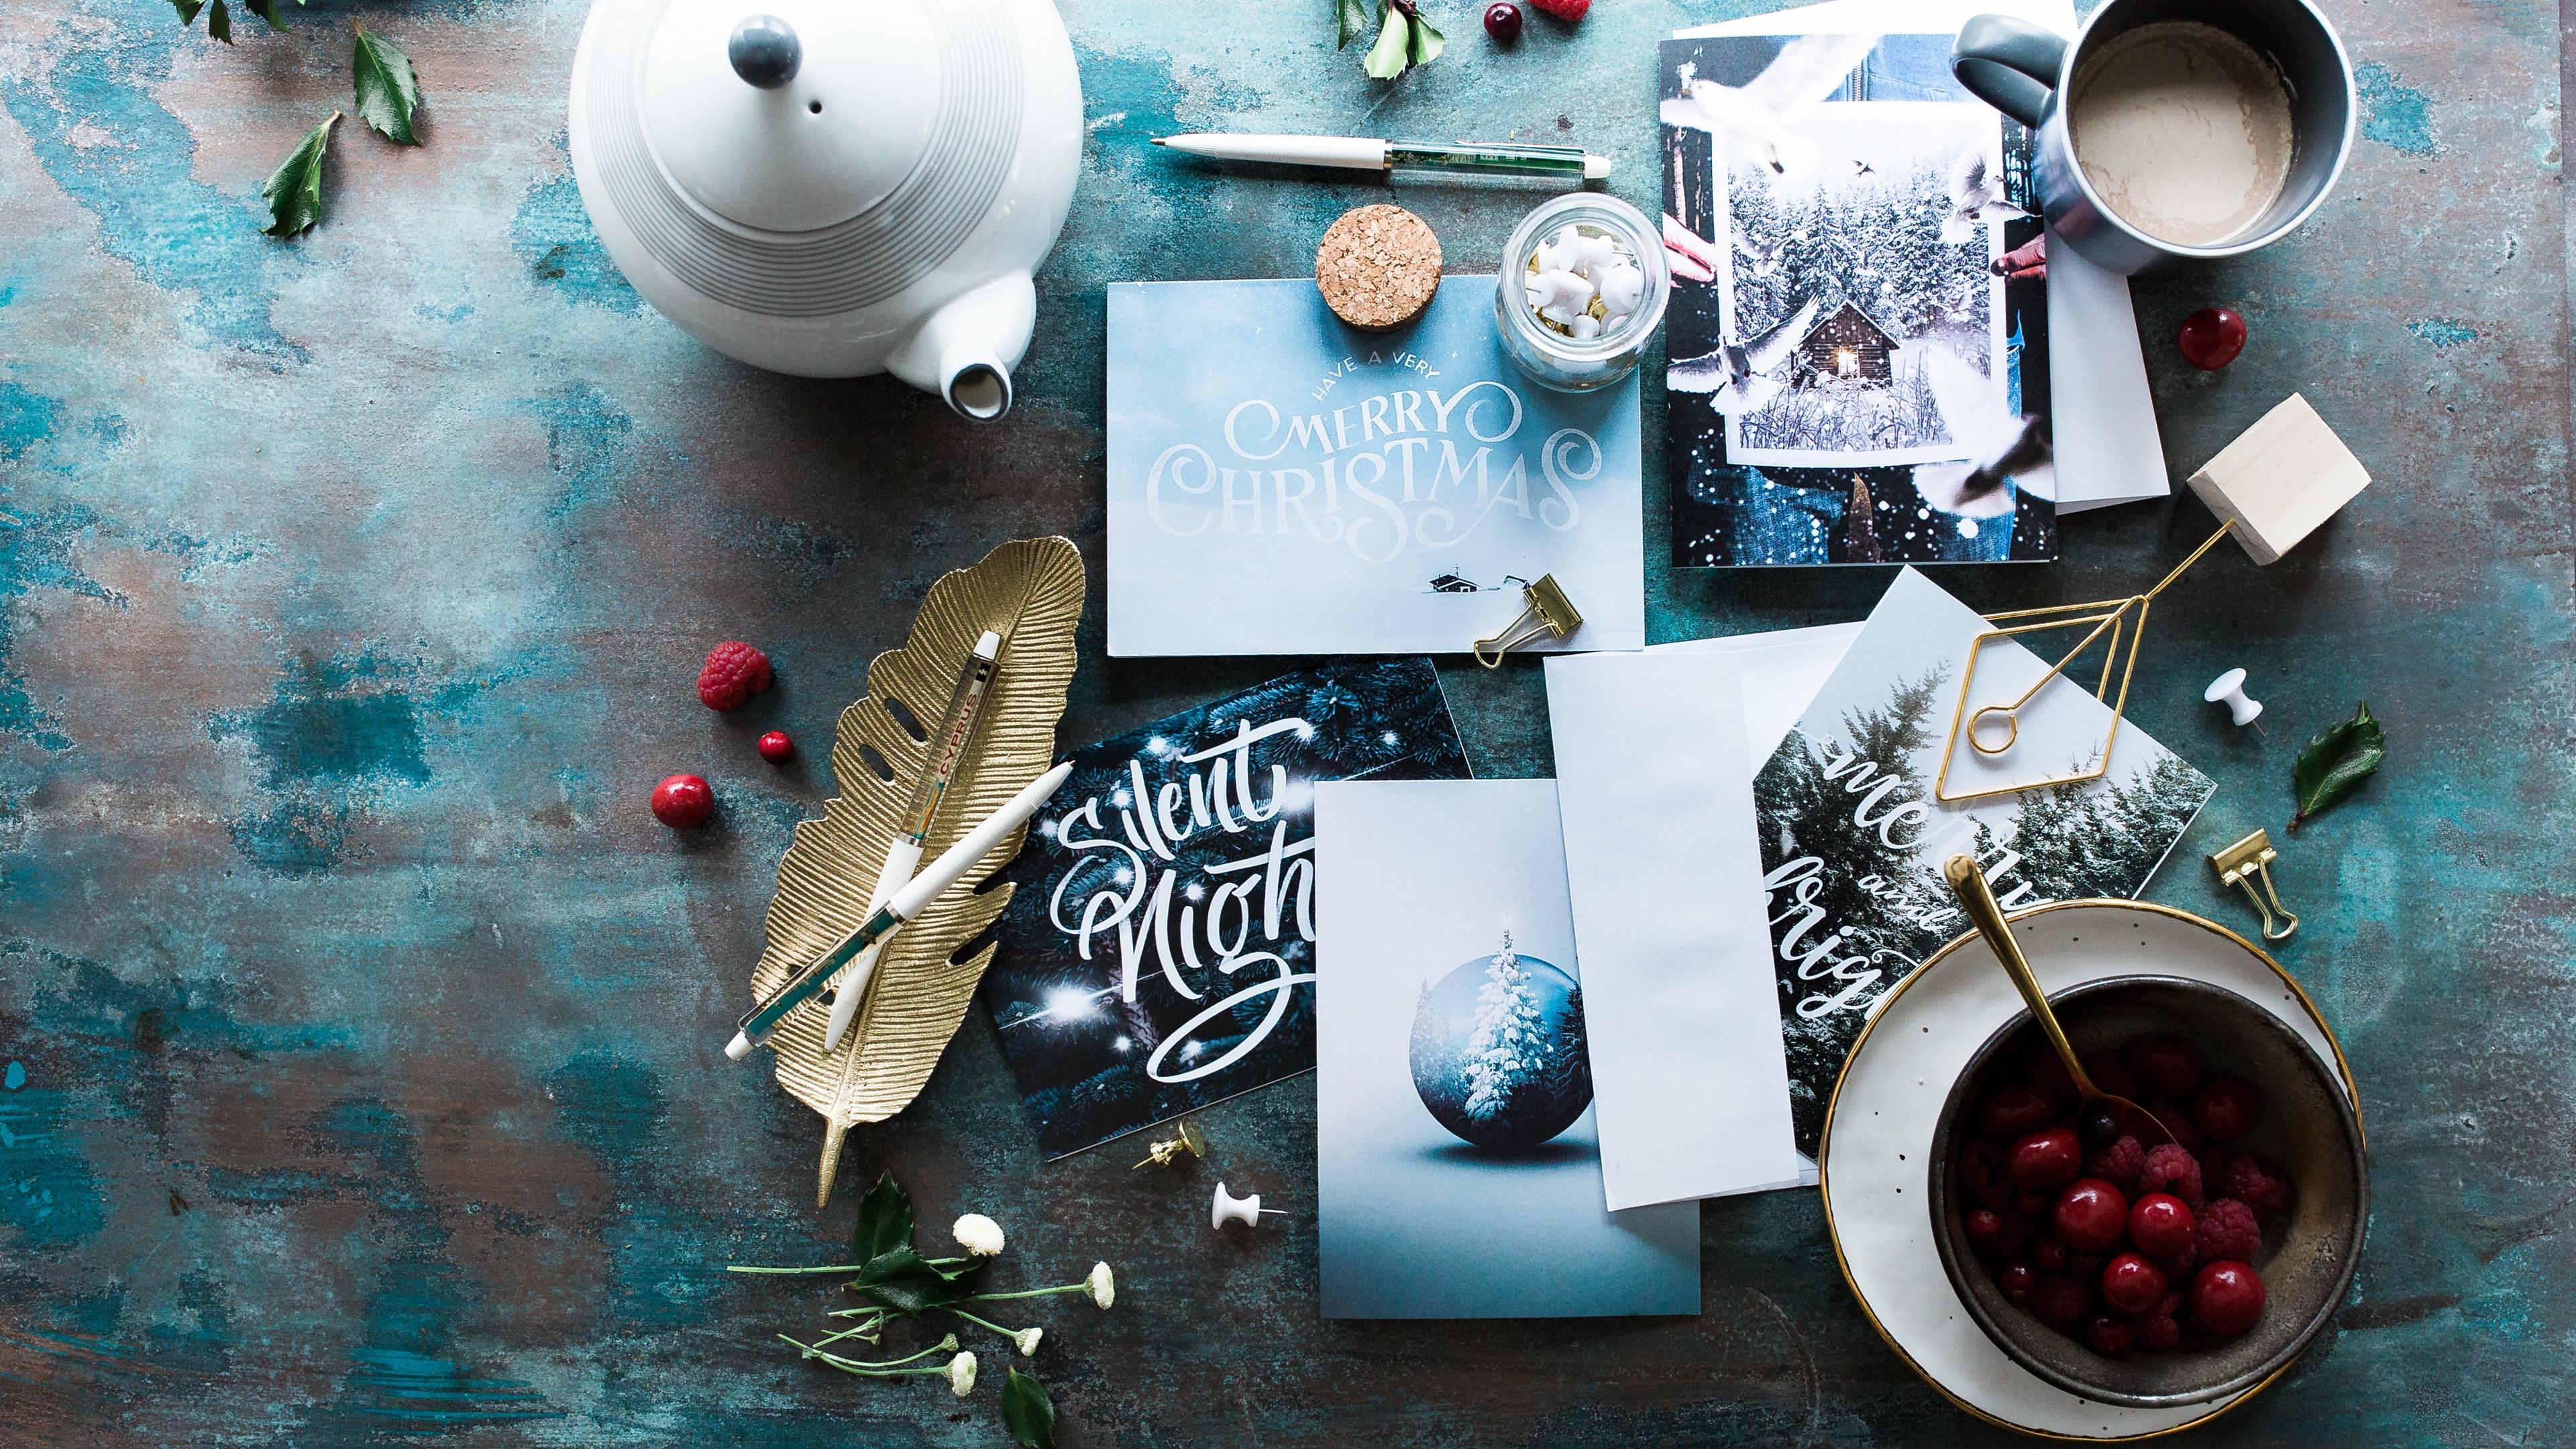 postcards christmas berries tea party 4k 1538344845 - postcards, christmas, berries, tea party 4k - postcards, Christmas, berries